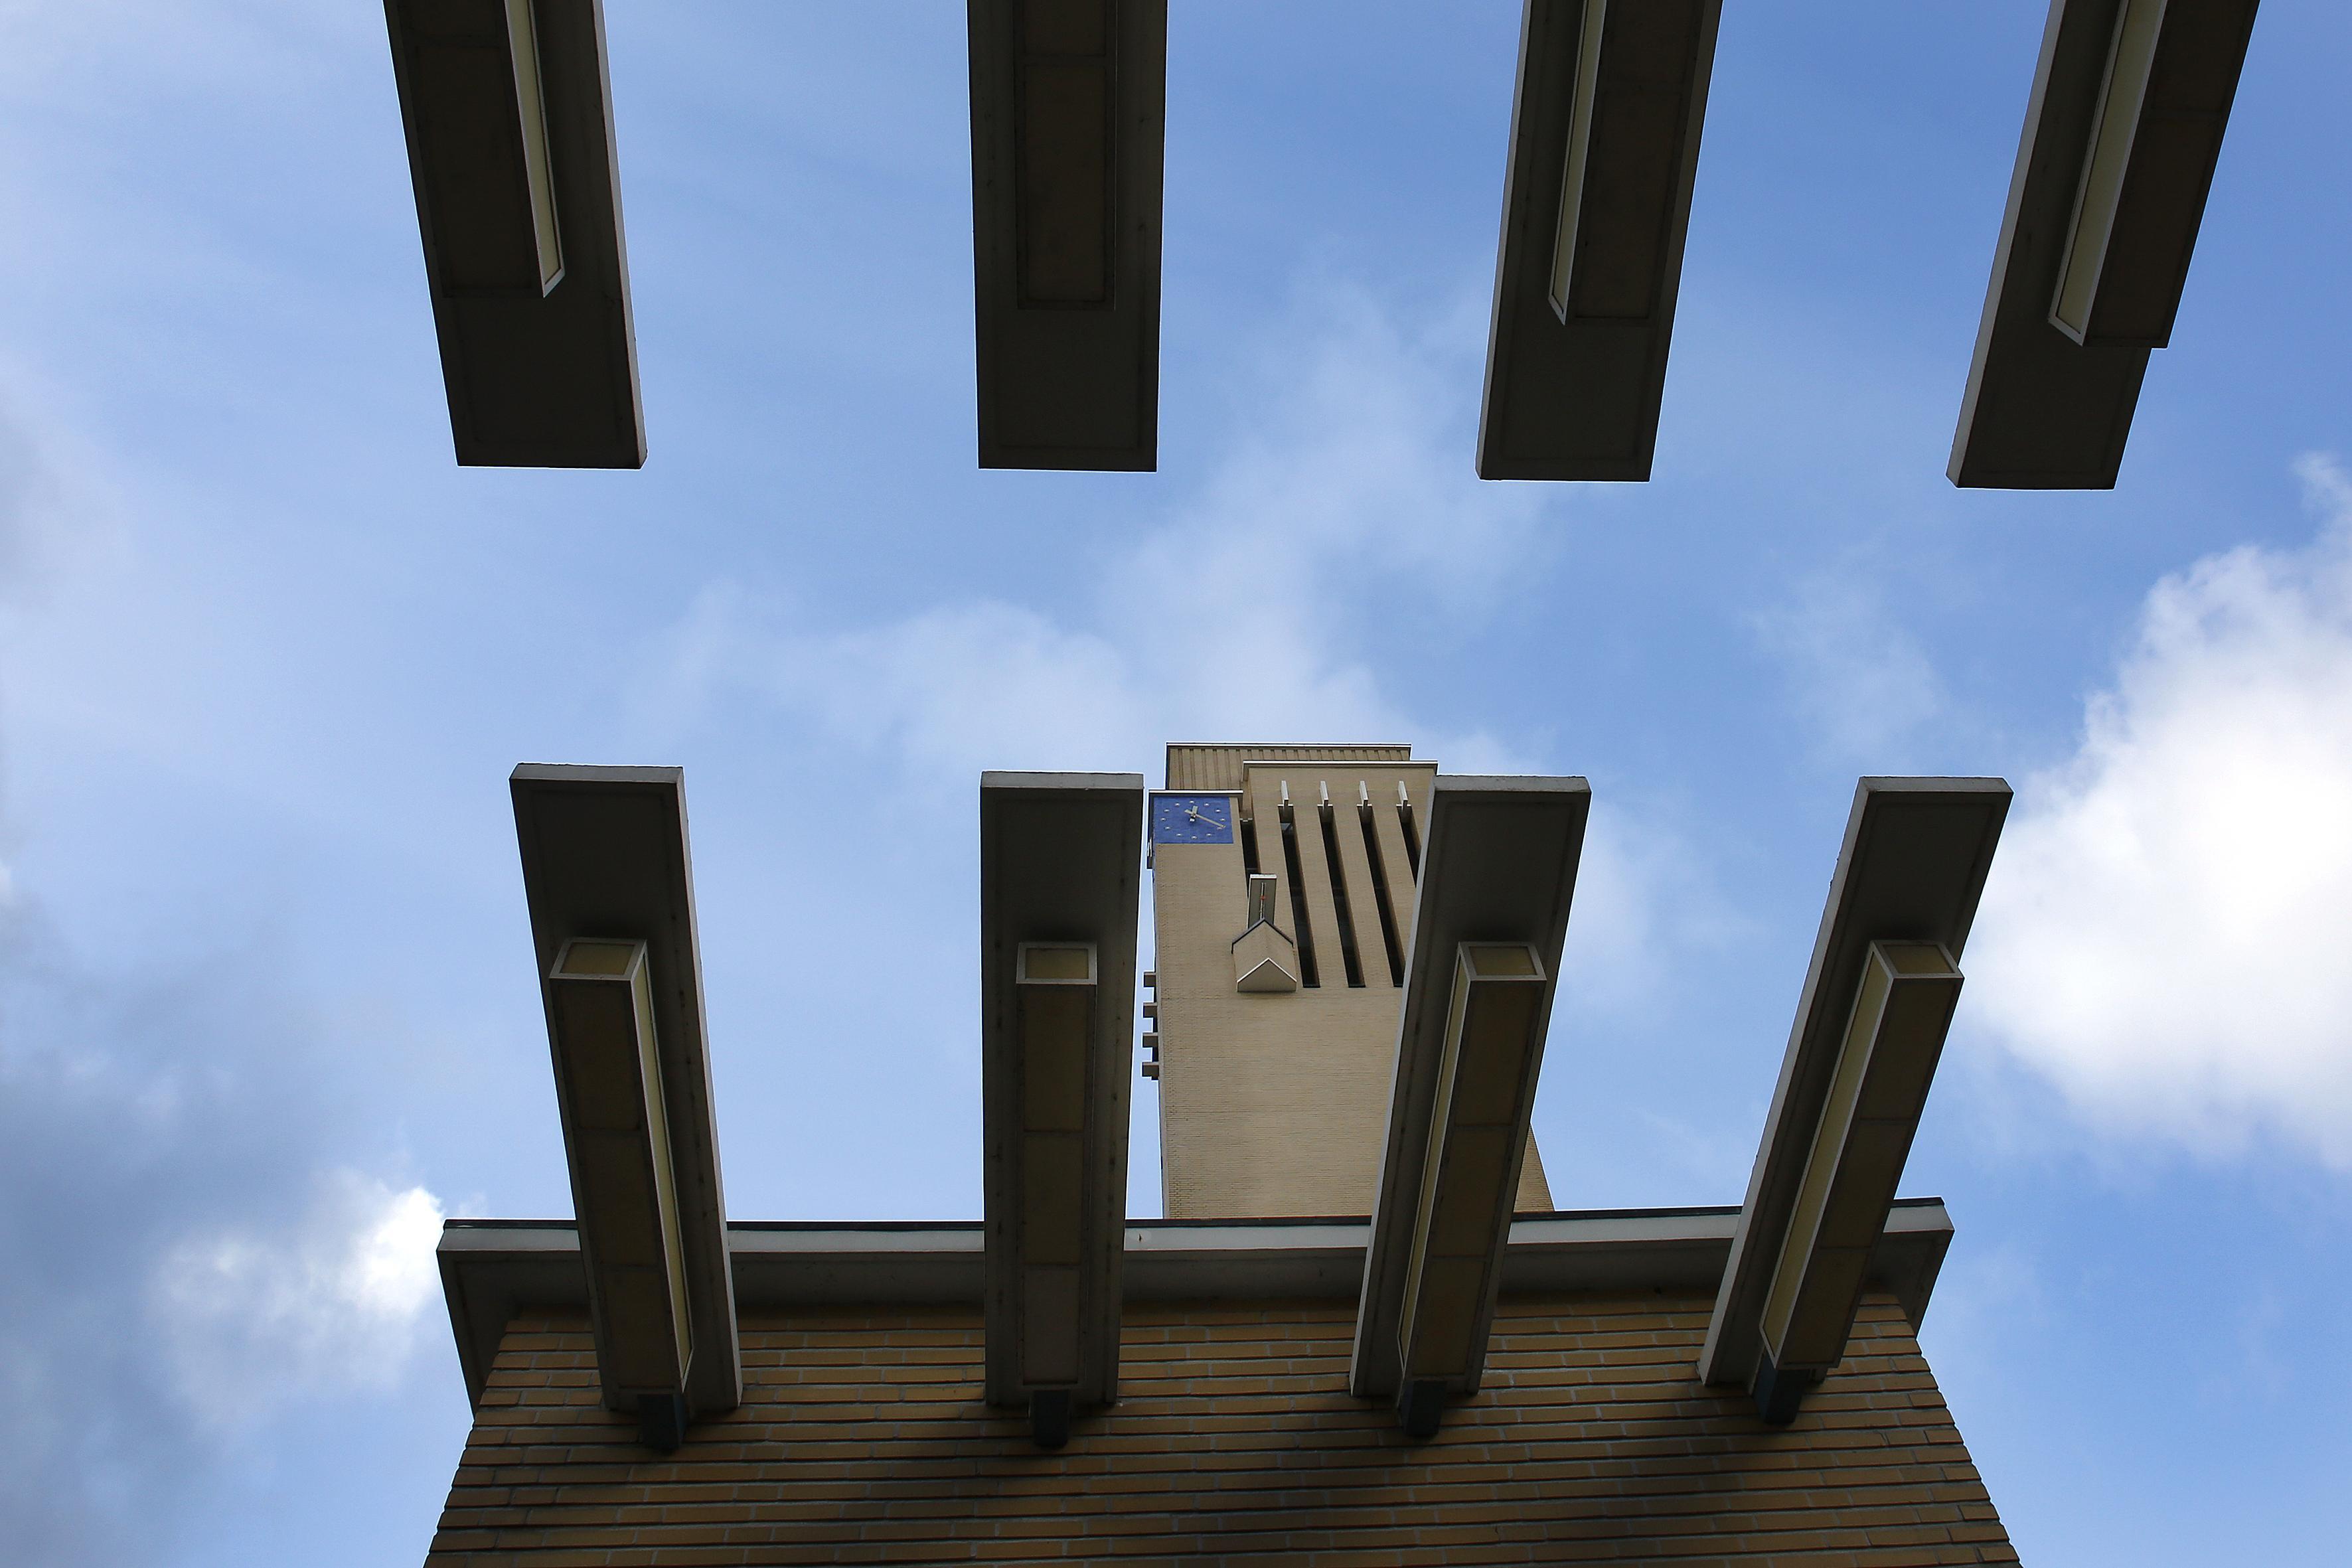 Groen licht voor verkoop gemeentelijke panden in Hilversum, waar mogelijk duurzaamheidsslag bij panden die blijven